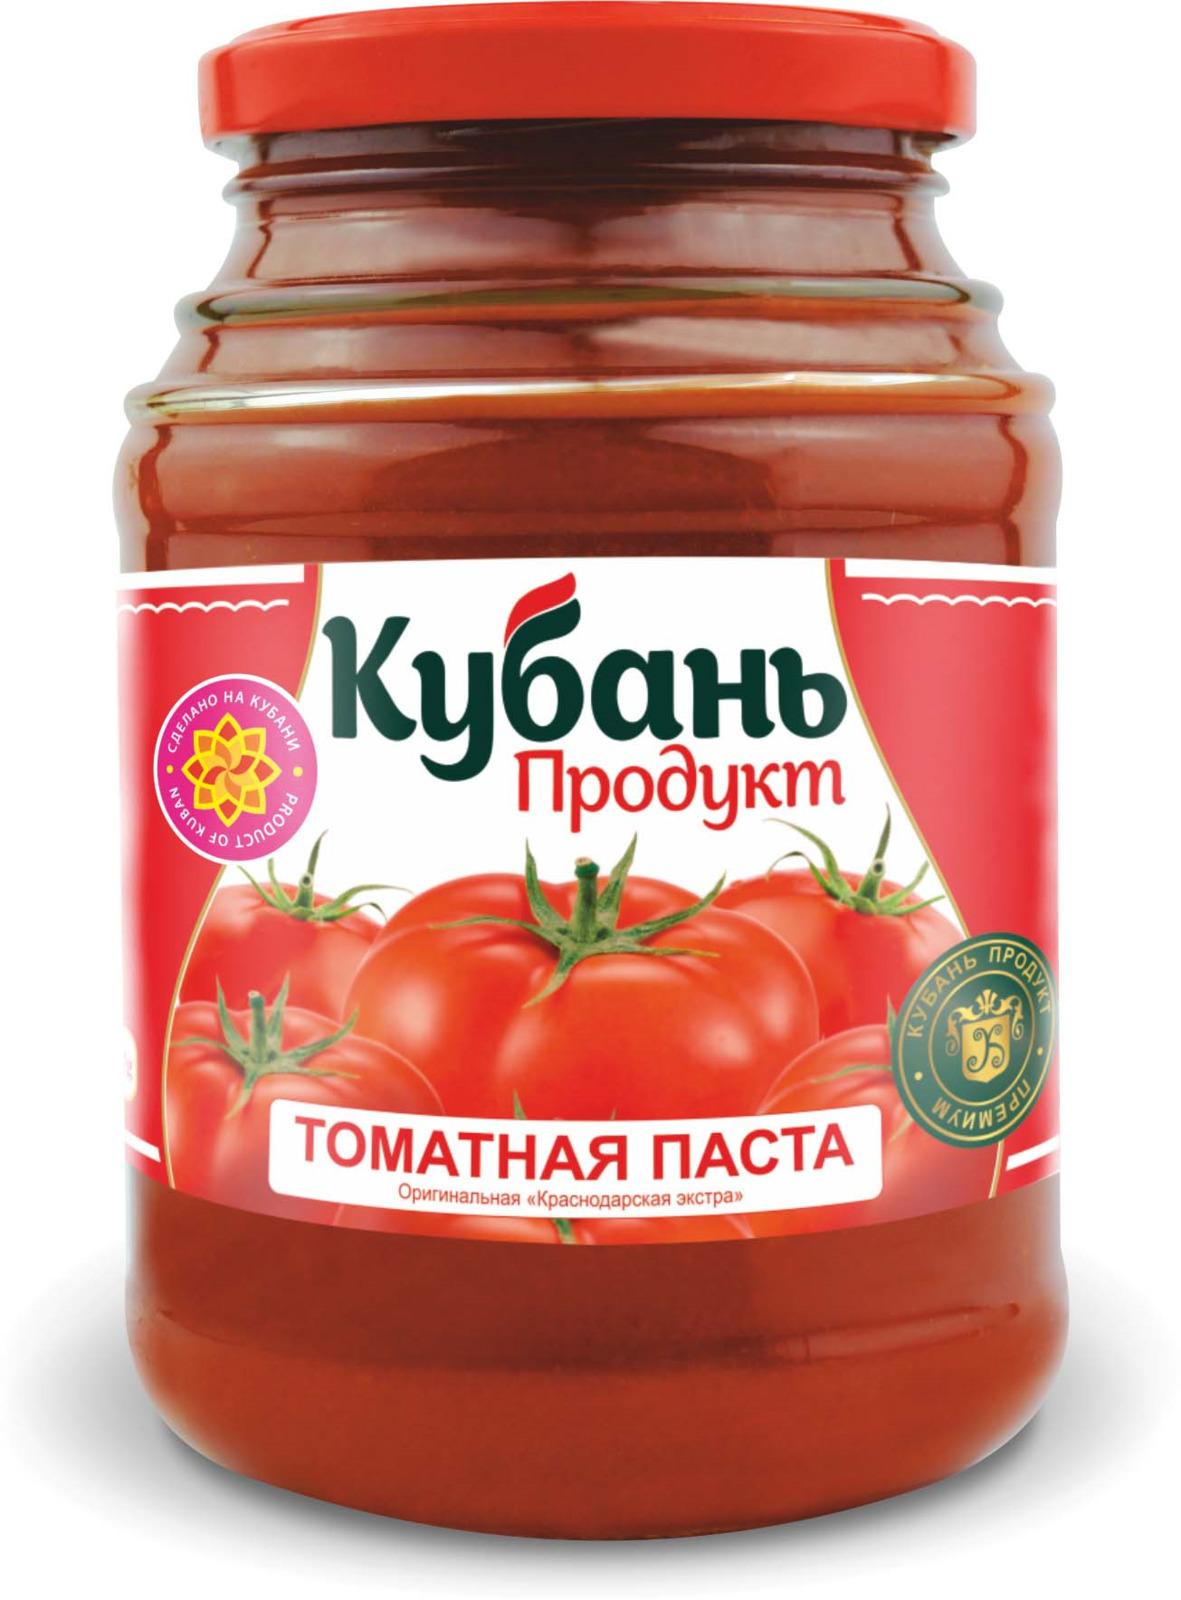 Кубань Продукт паста томатная, 500 г кубань продукт компот вишневый 1 л